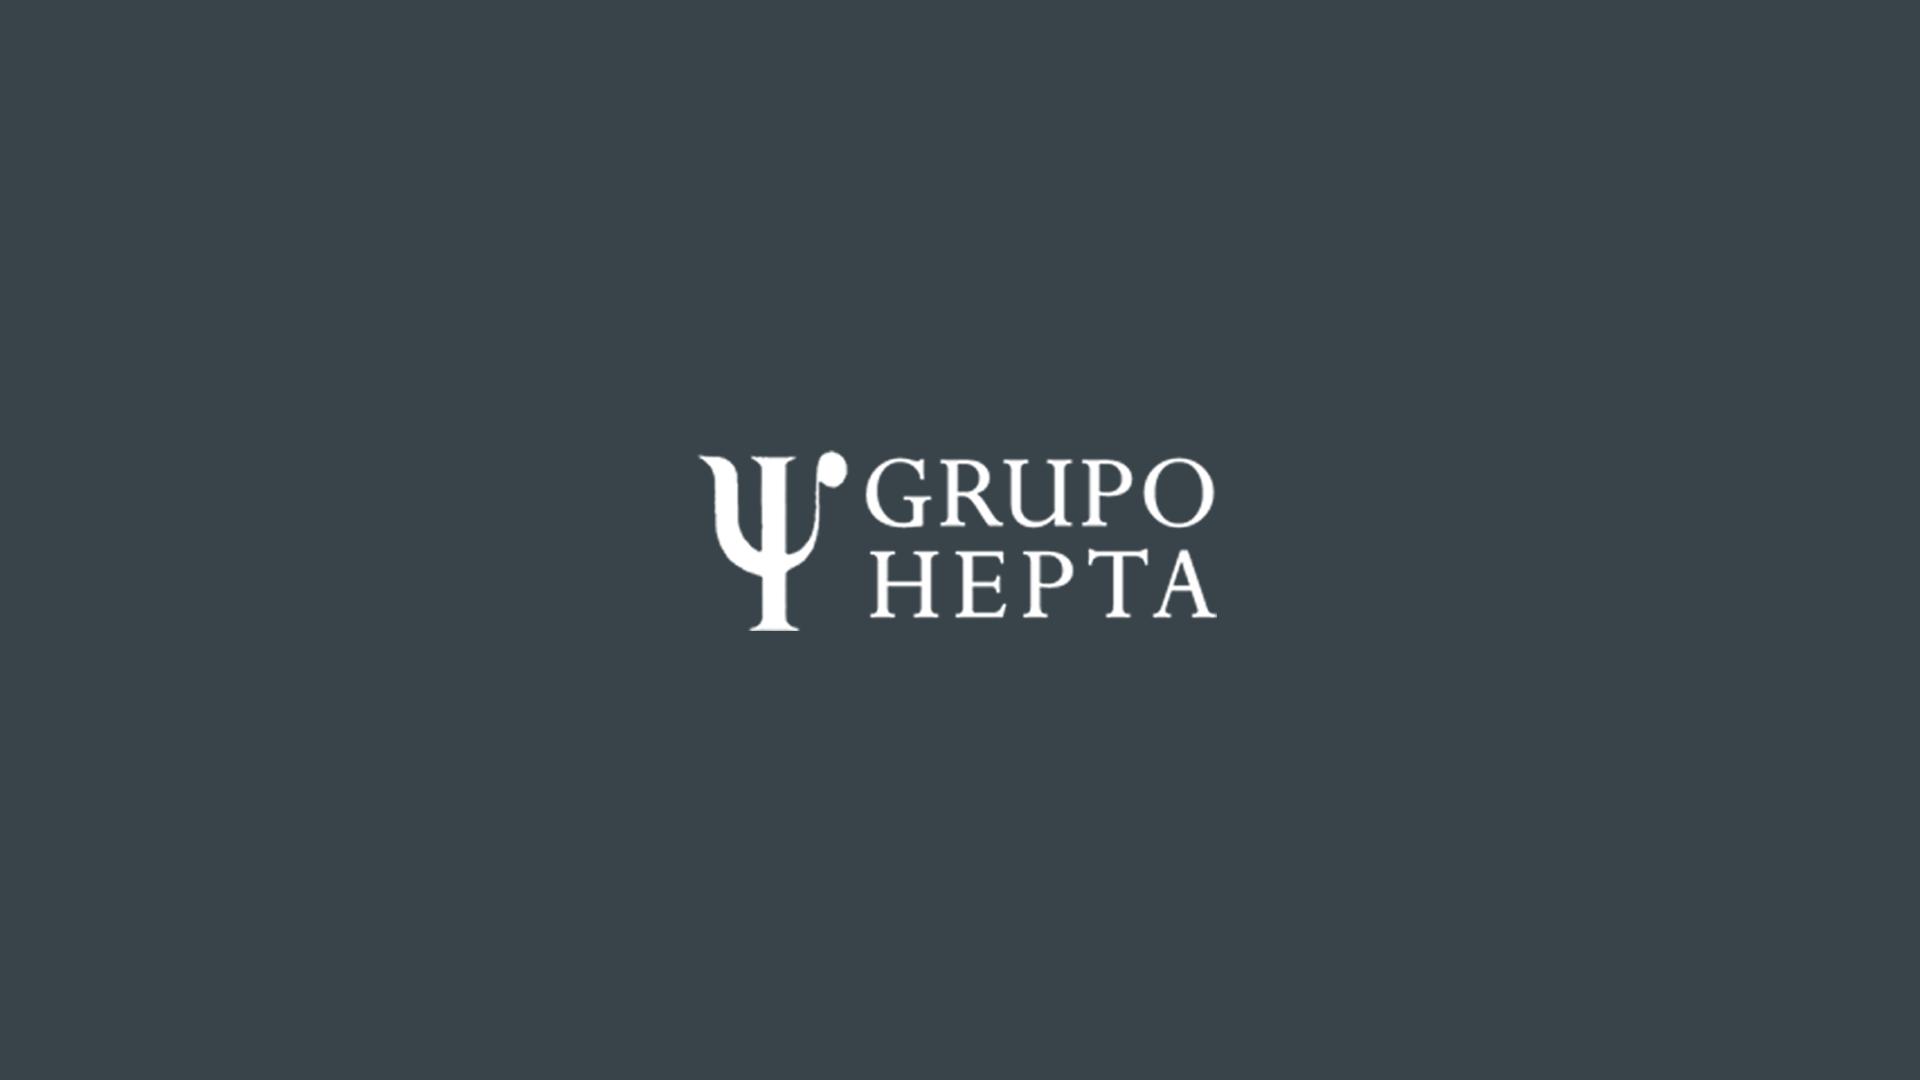 Grupo Hepta, web hecha por murciègalo